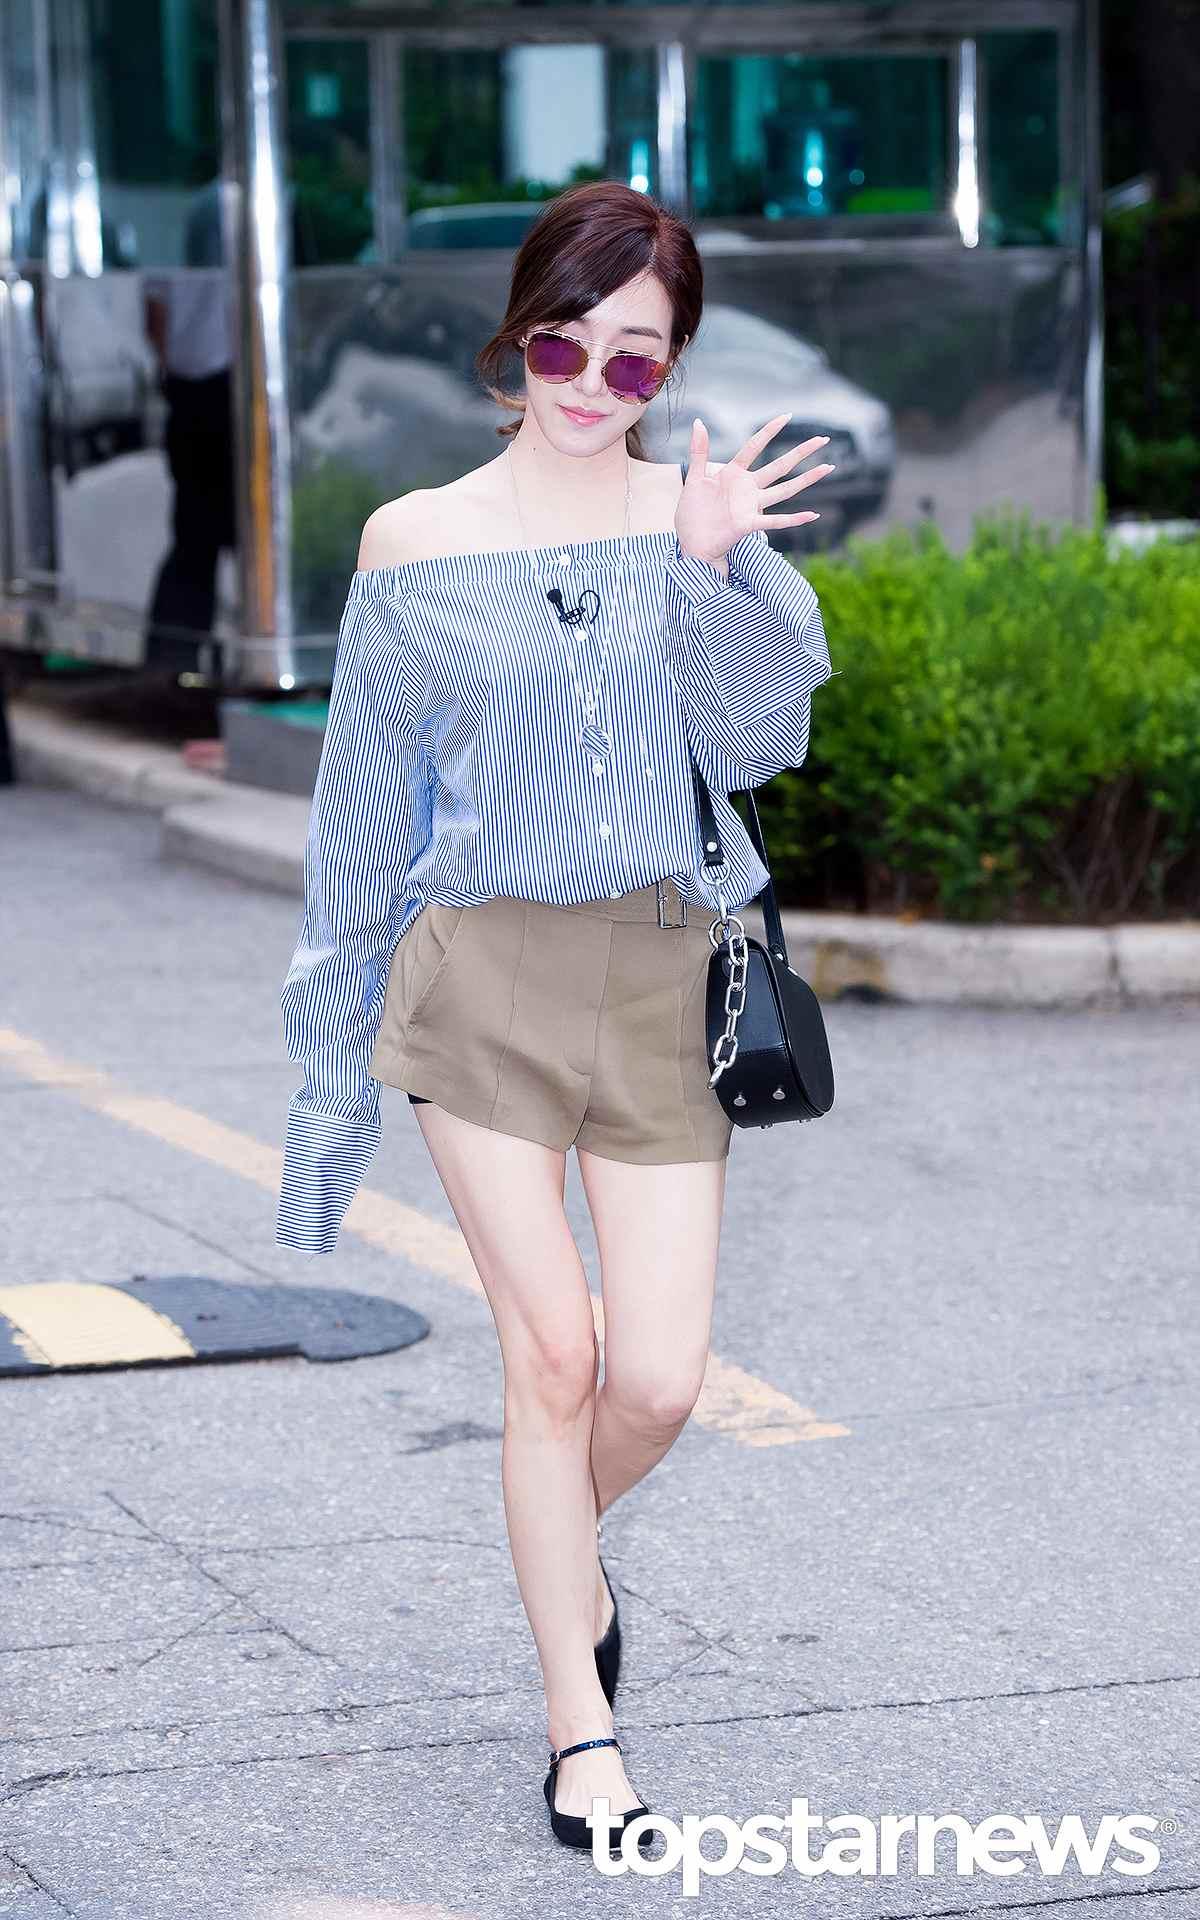 Tiffany則是選擇袖子較長的款式,秉持著上寬下窄的搭配原則,看起來更瘦!